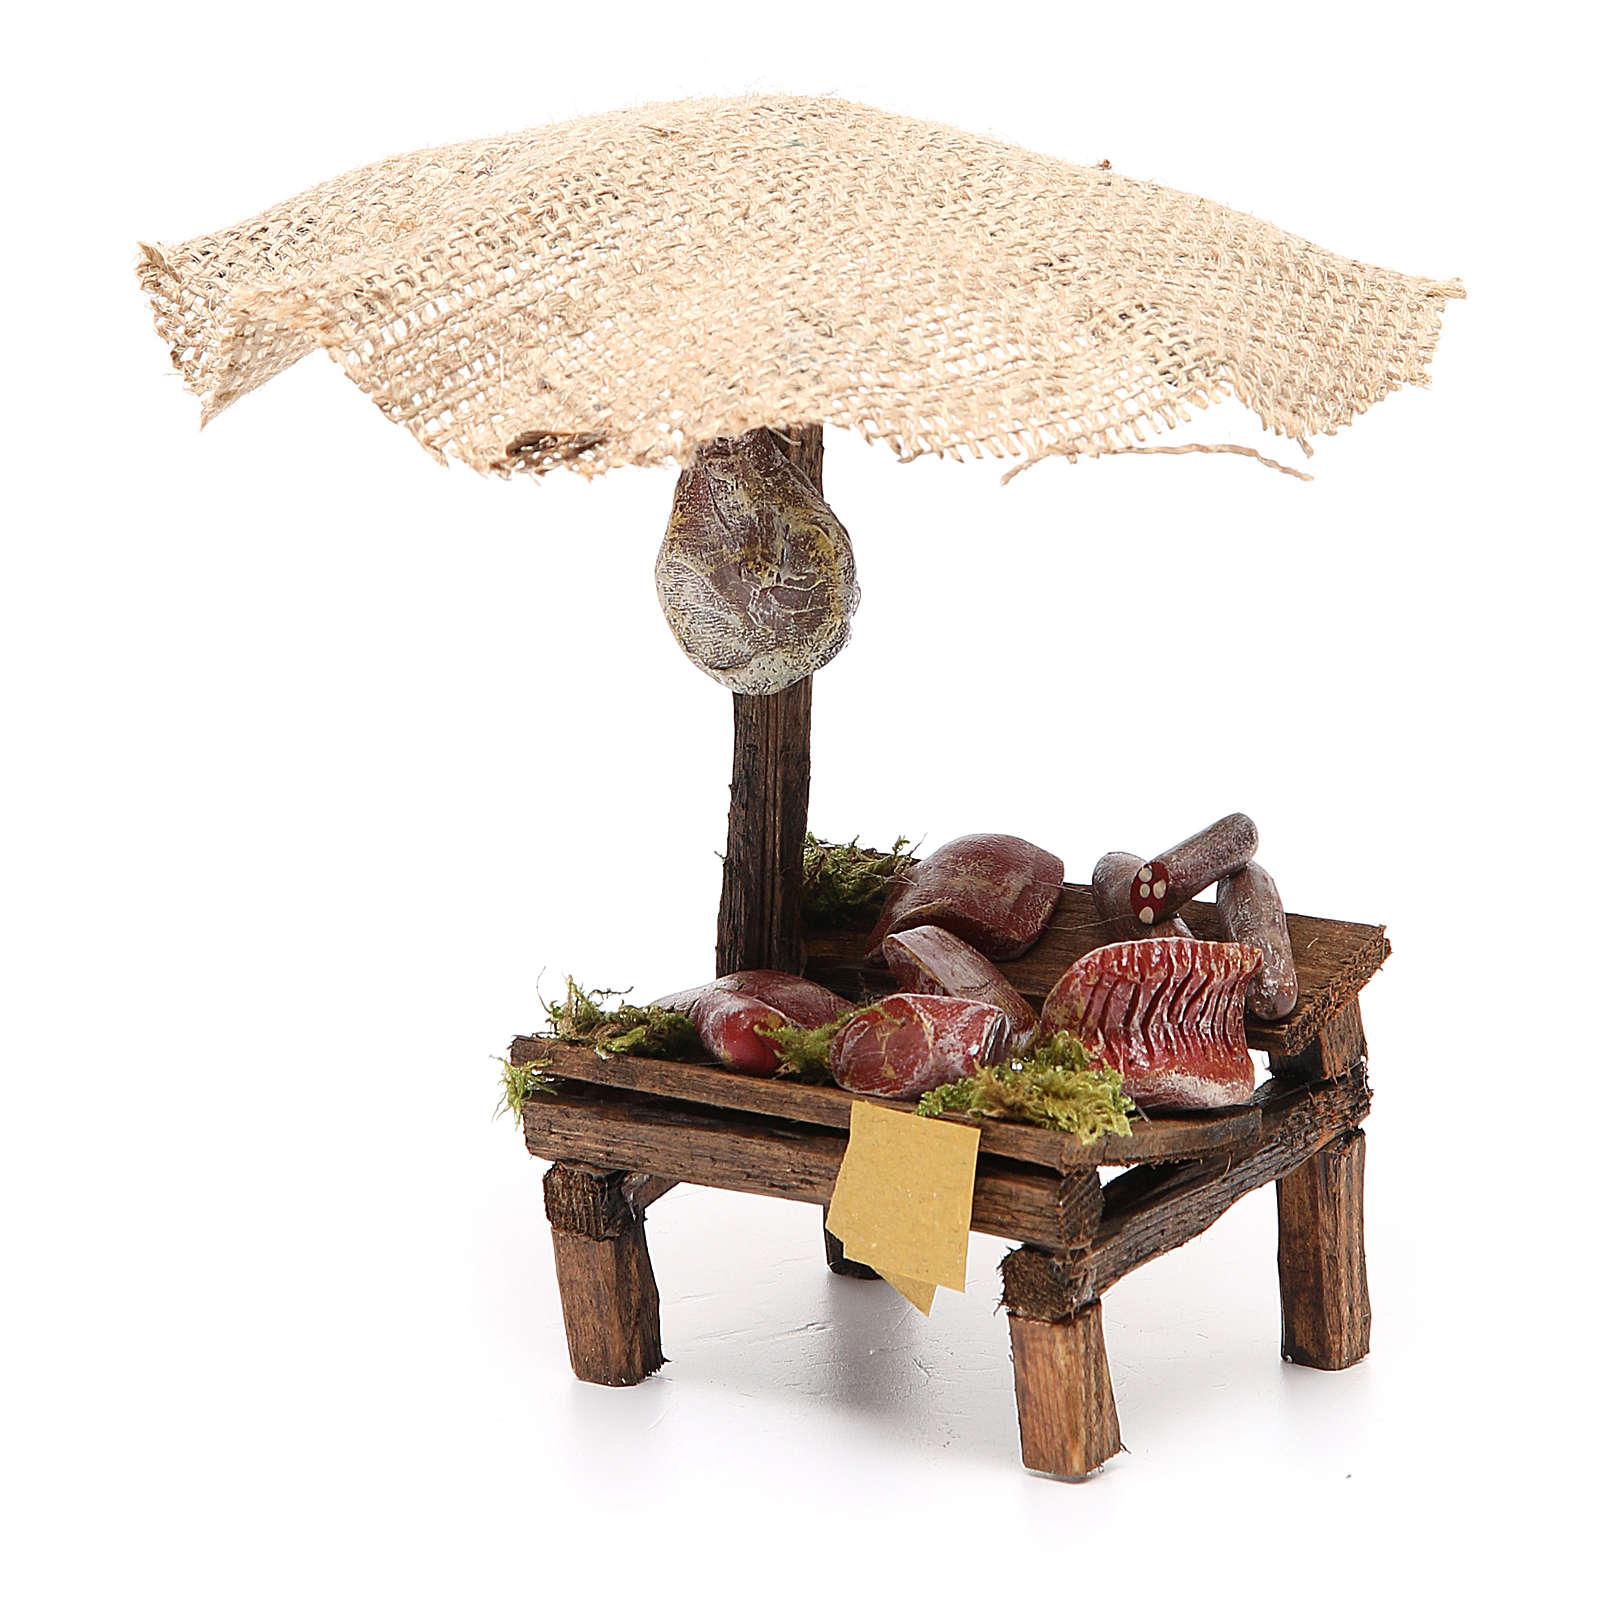 Banchetto salumi carne con ombrello presepe 12 cm 16x10x12 4